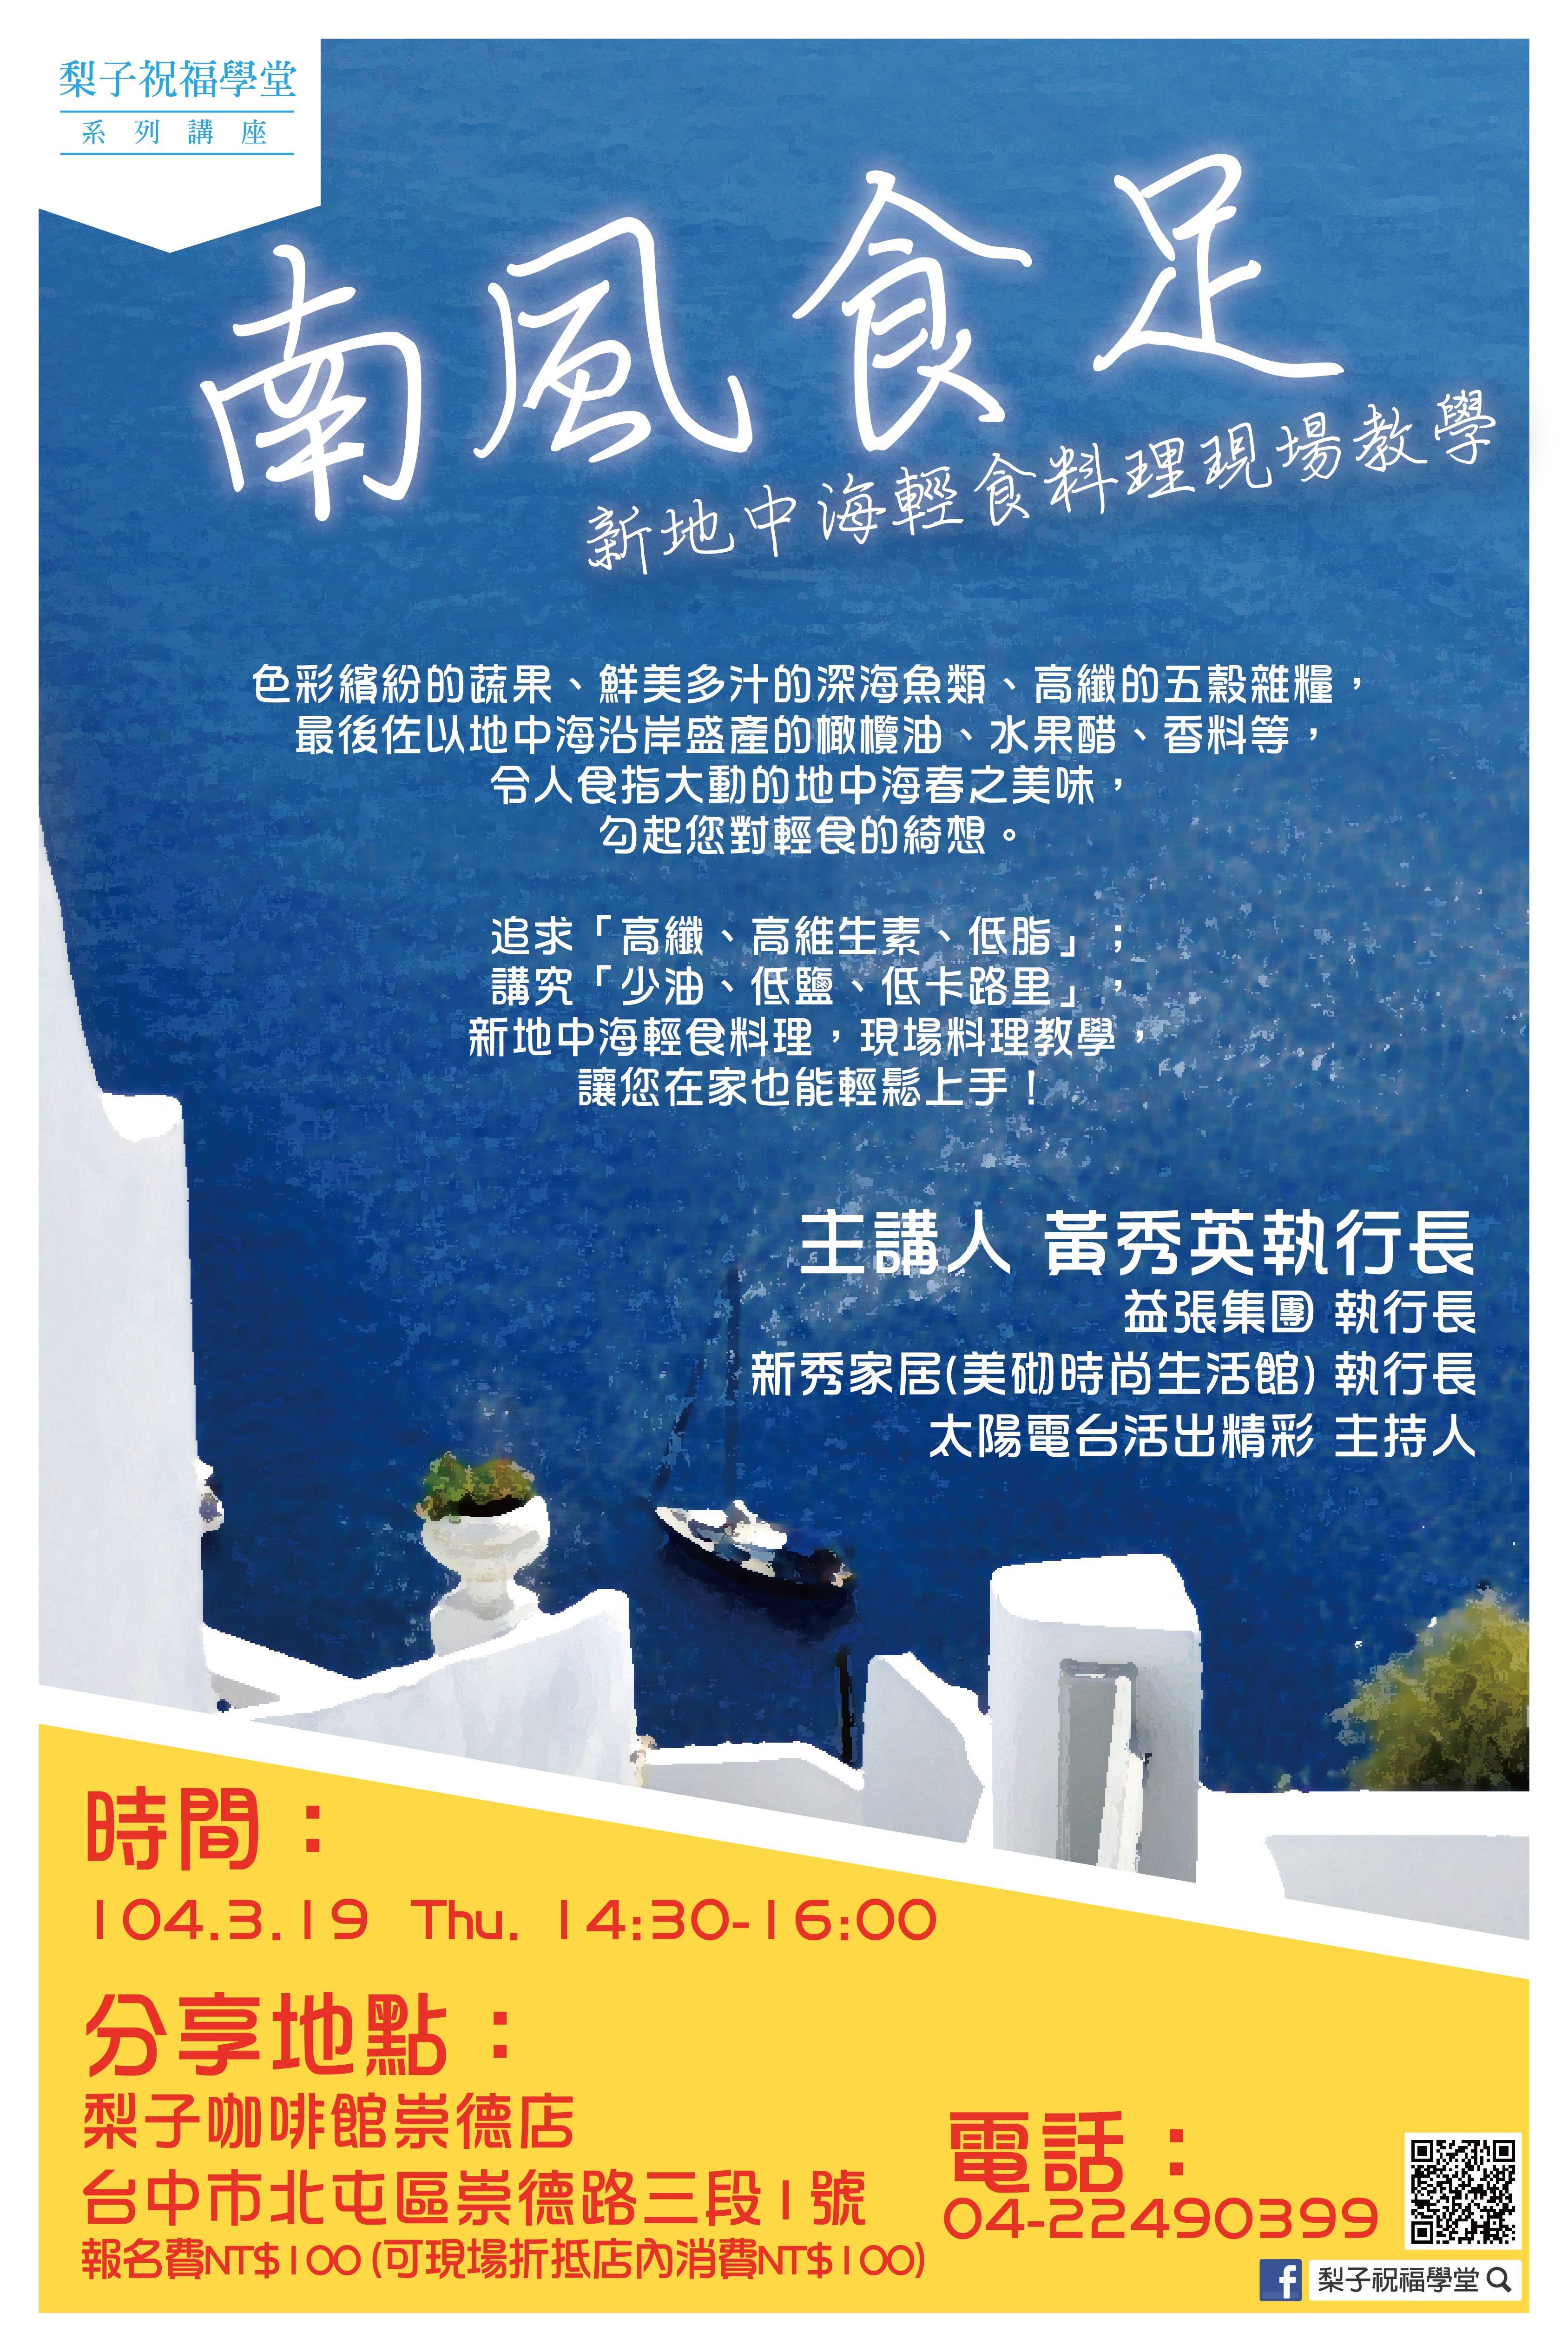 「南風食足」-美砌講座活動海報 Design by Li-Chieh Lin